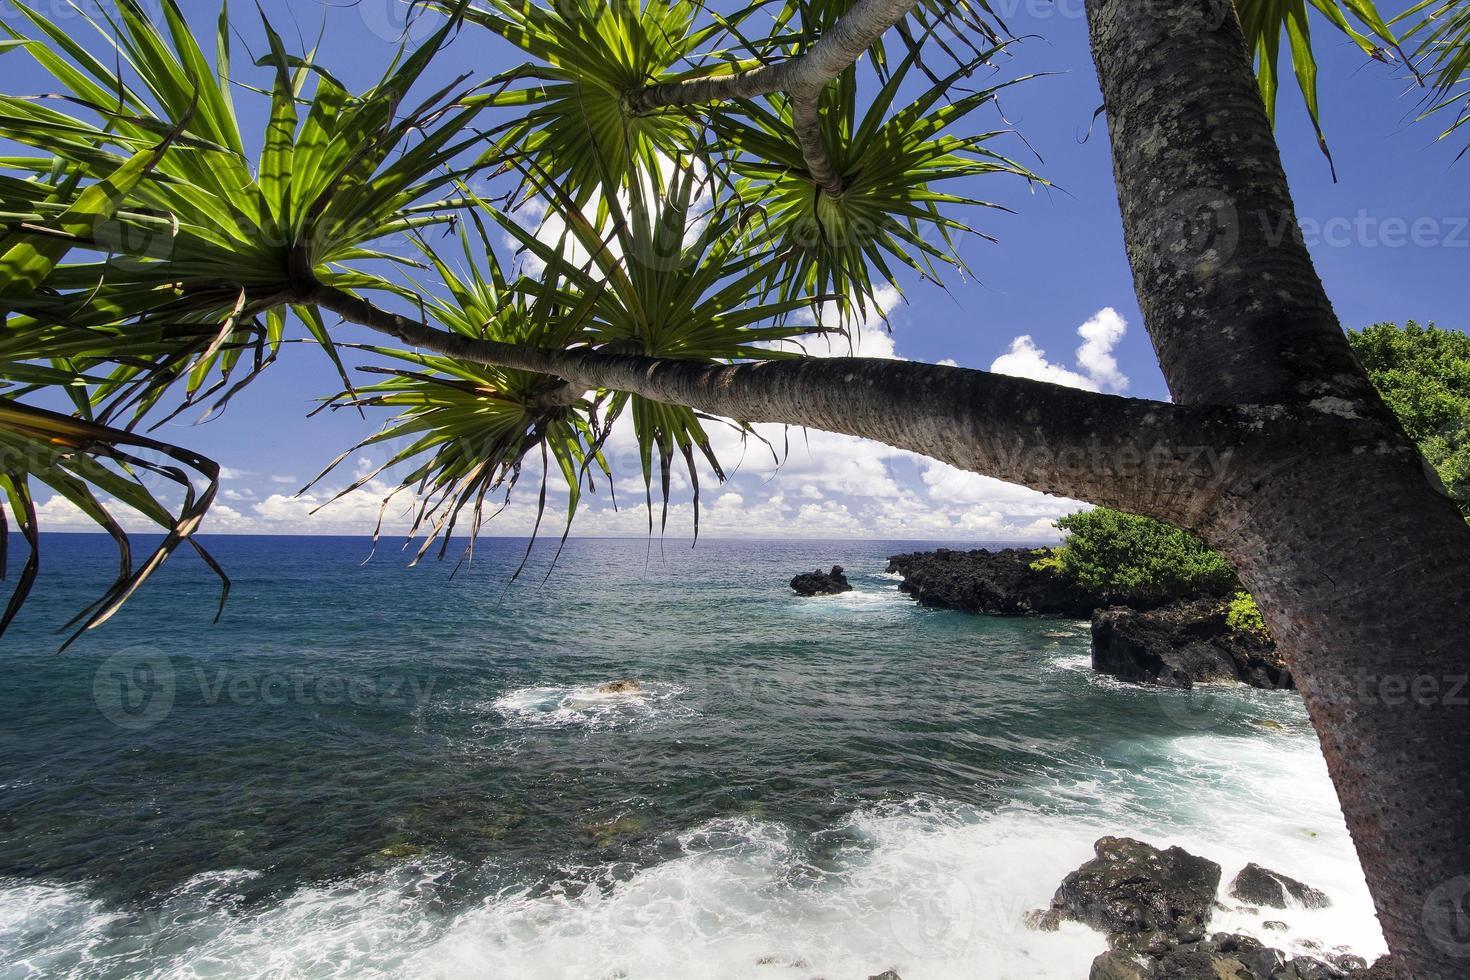 palmier, côte nord, route de hana, maui, hawaï photo